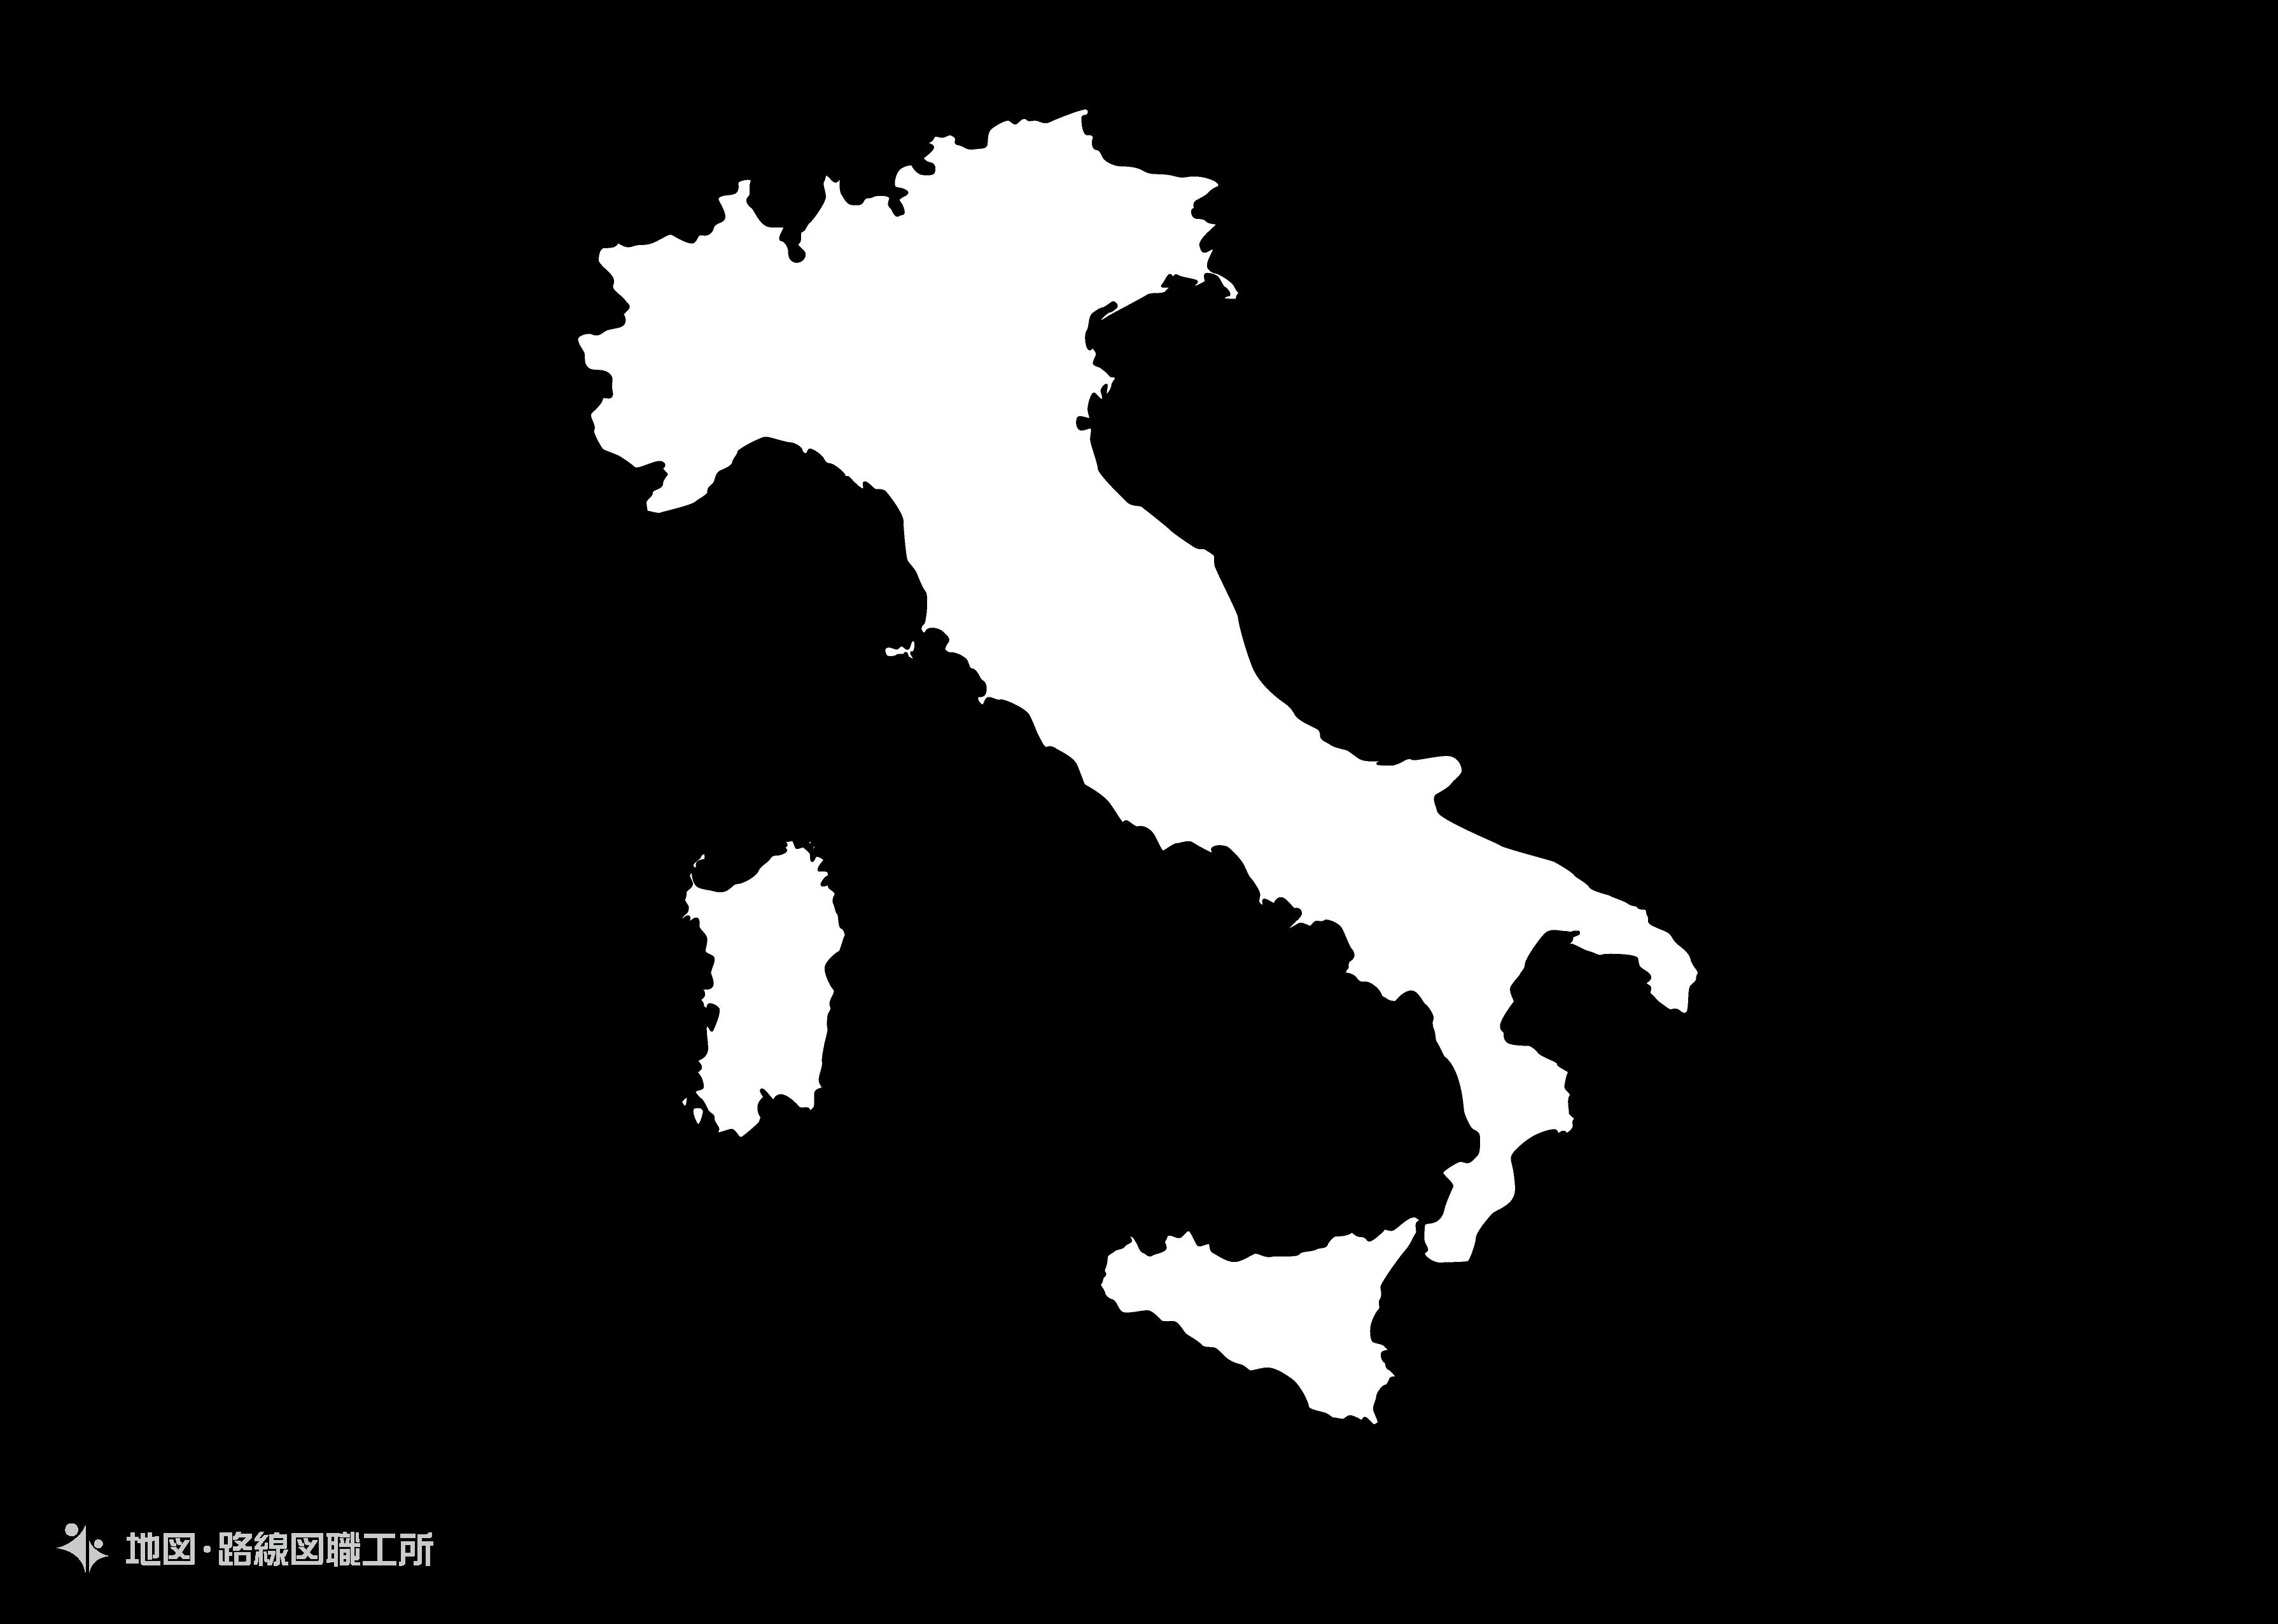 世界の白地図 イタリア共和国 italian-republic map